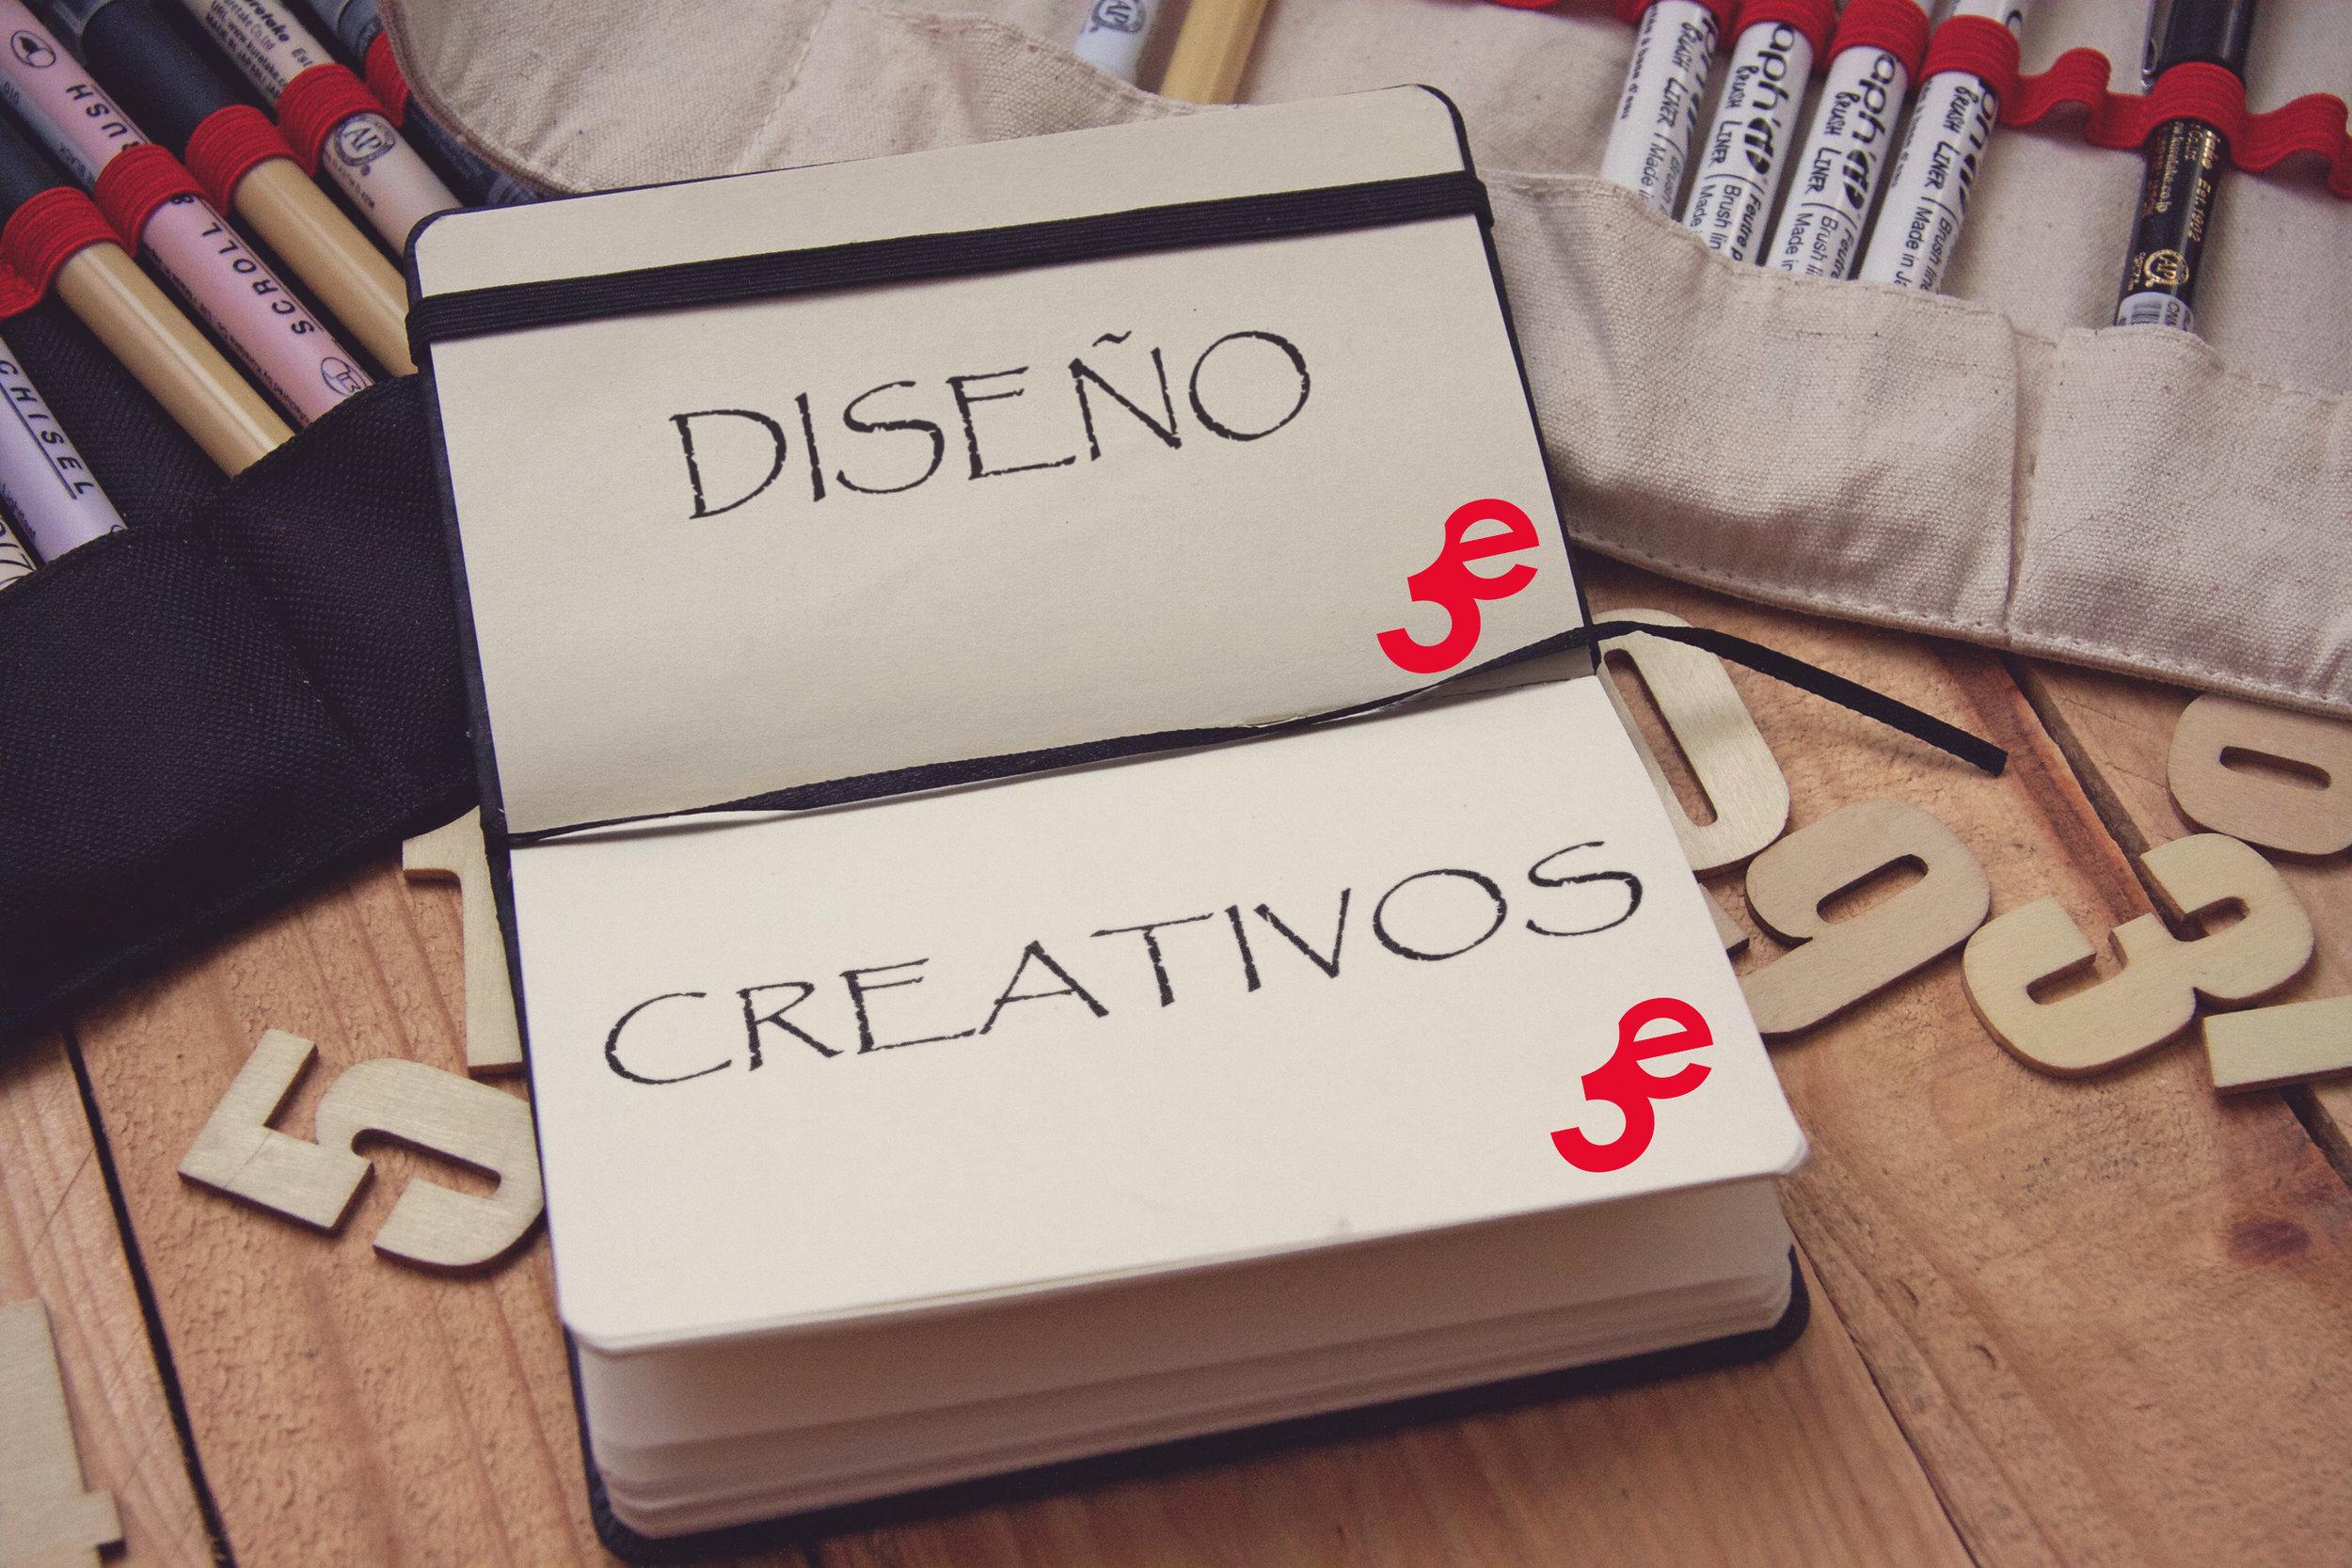 DISEÑO Y CREATIVOS 2.jpg